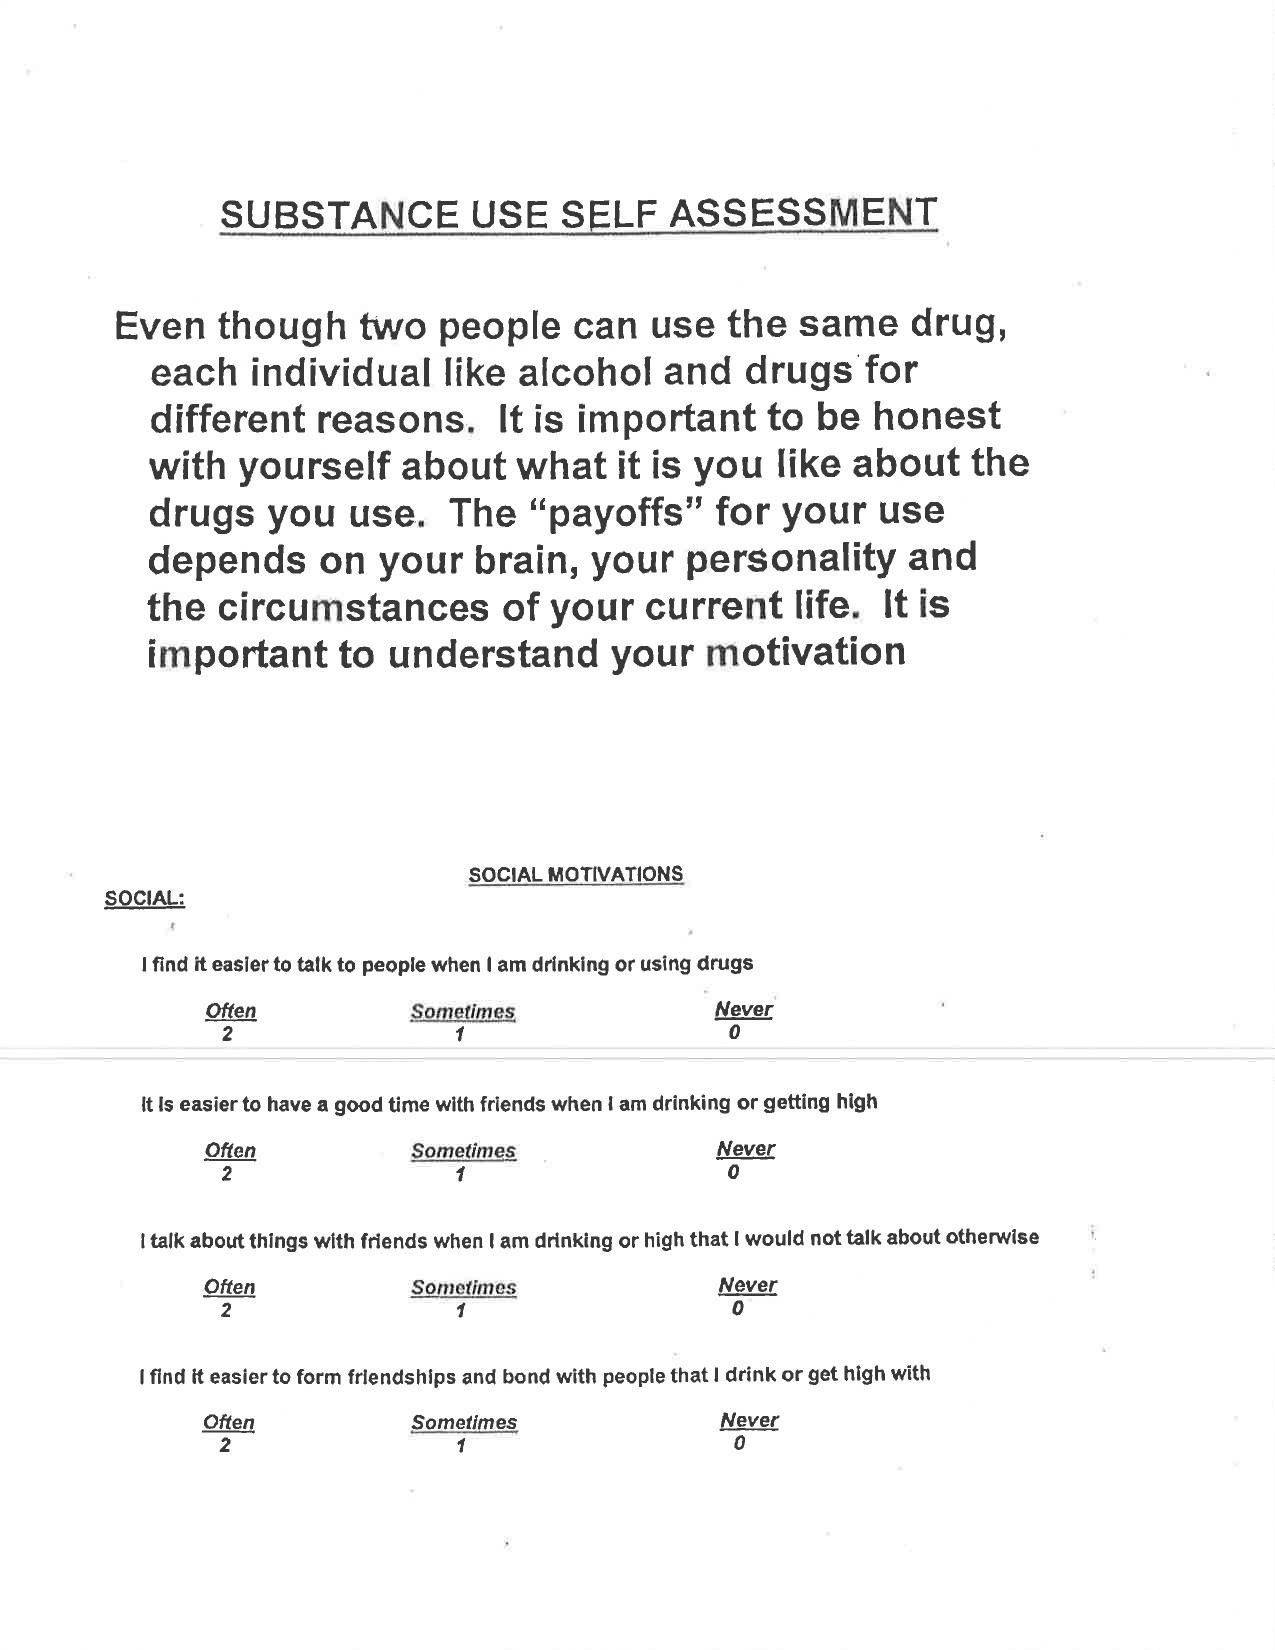 Substance Use Self Assessment 1.jpg